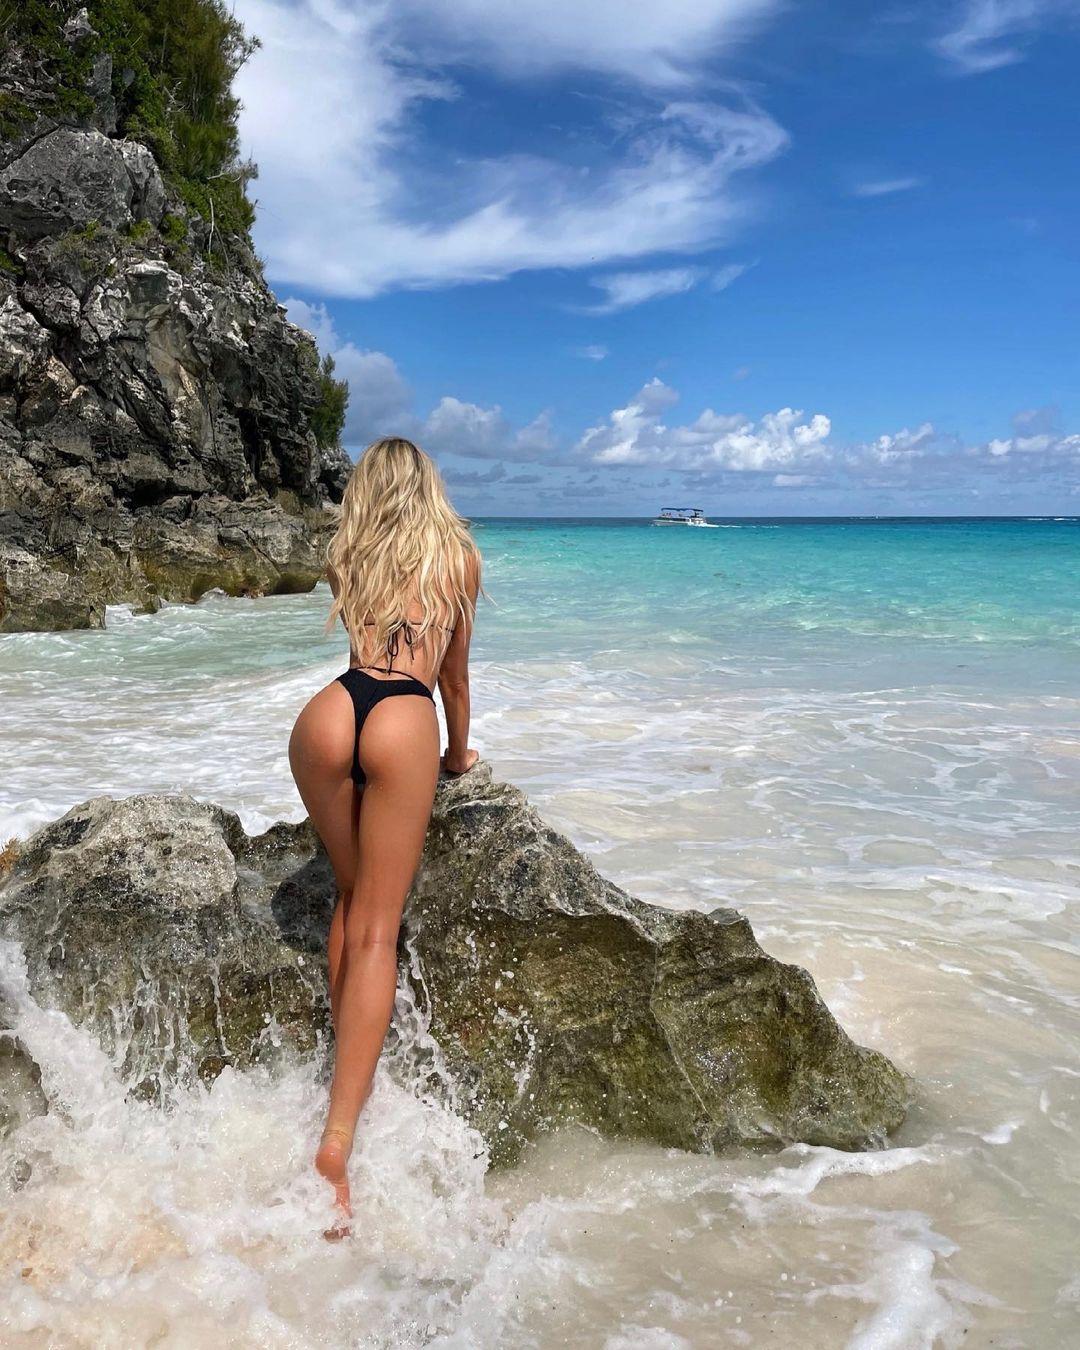 ガブリエラ・エプスタイン「小麦色の肌がゴージャス」バルミューダ島で変形黒ビキニ披露【画像2枚】の画像002